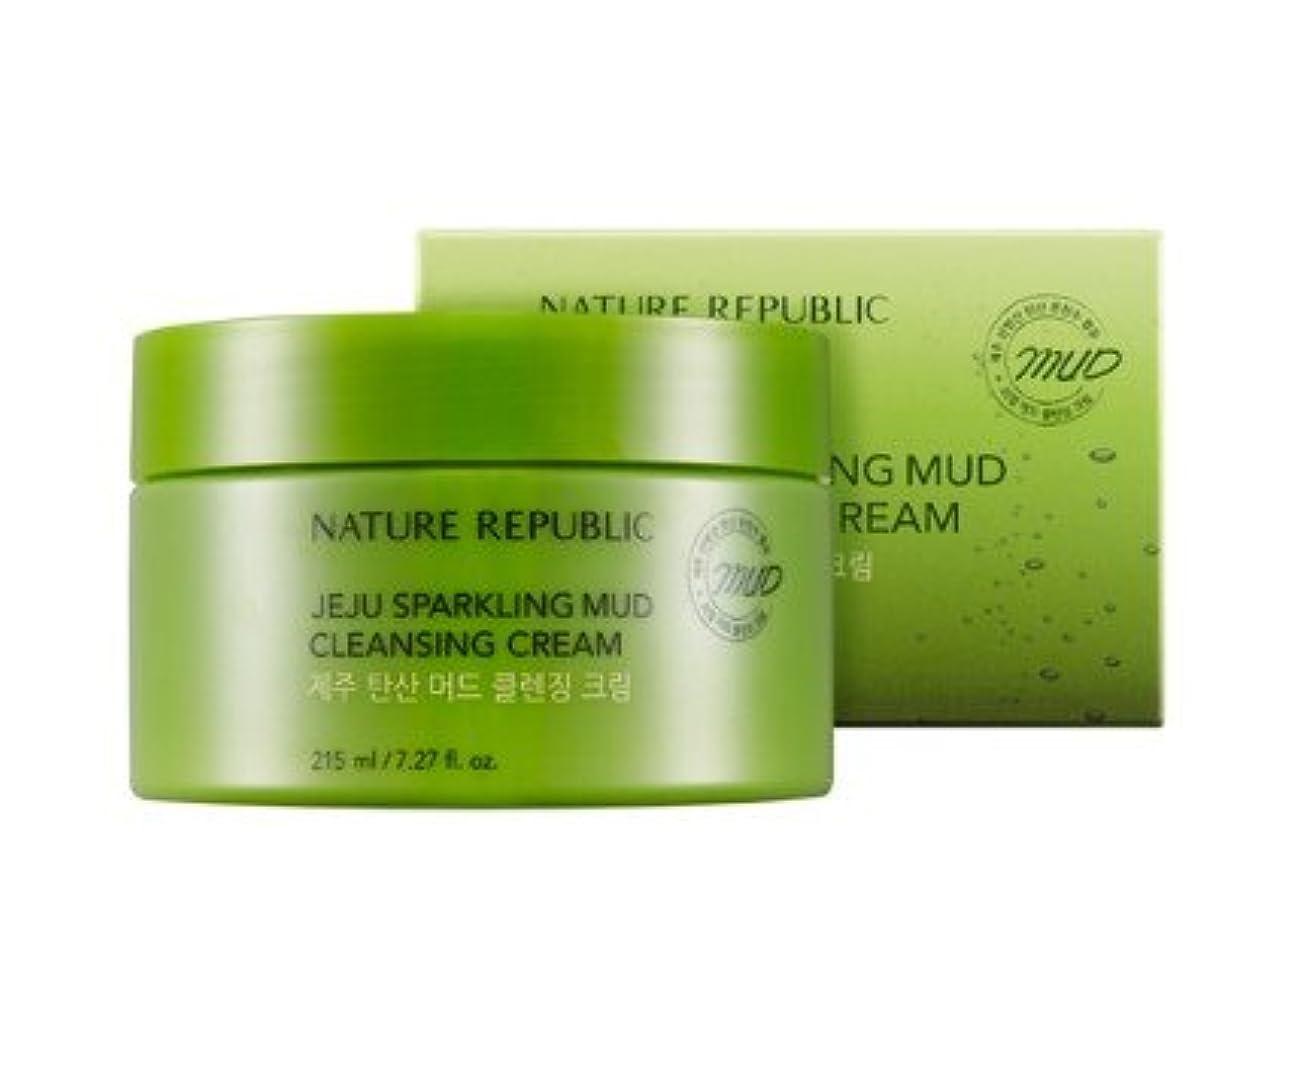 磨かれた晴れ大宇宙Nature republic Jeju Sparkling Mud Cleansing Cream ネイチャーリパブリック チェジュ炭酸マッド クレンジングクリーム 215ML [並行輸入品]